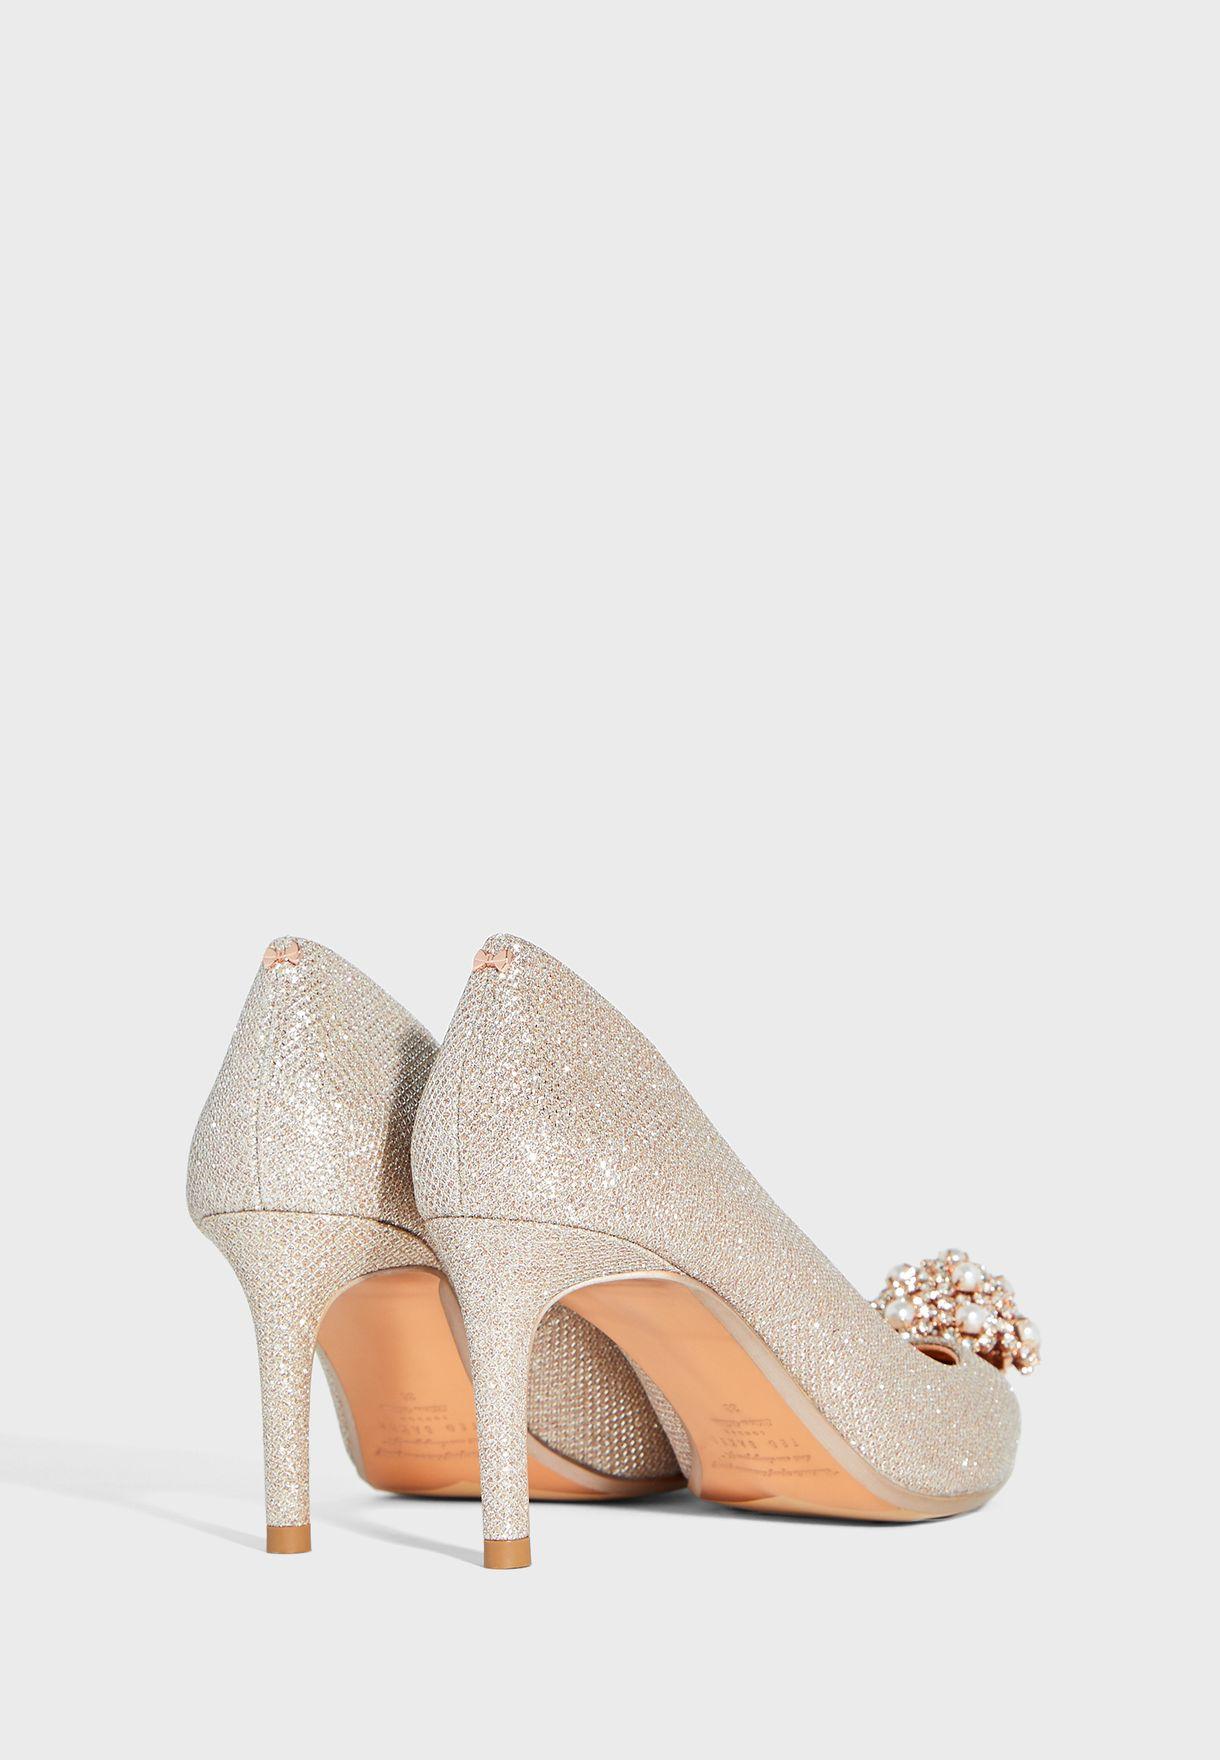 Darlill Silver Court Pump Shoe - Silver